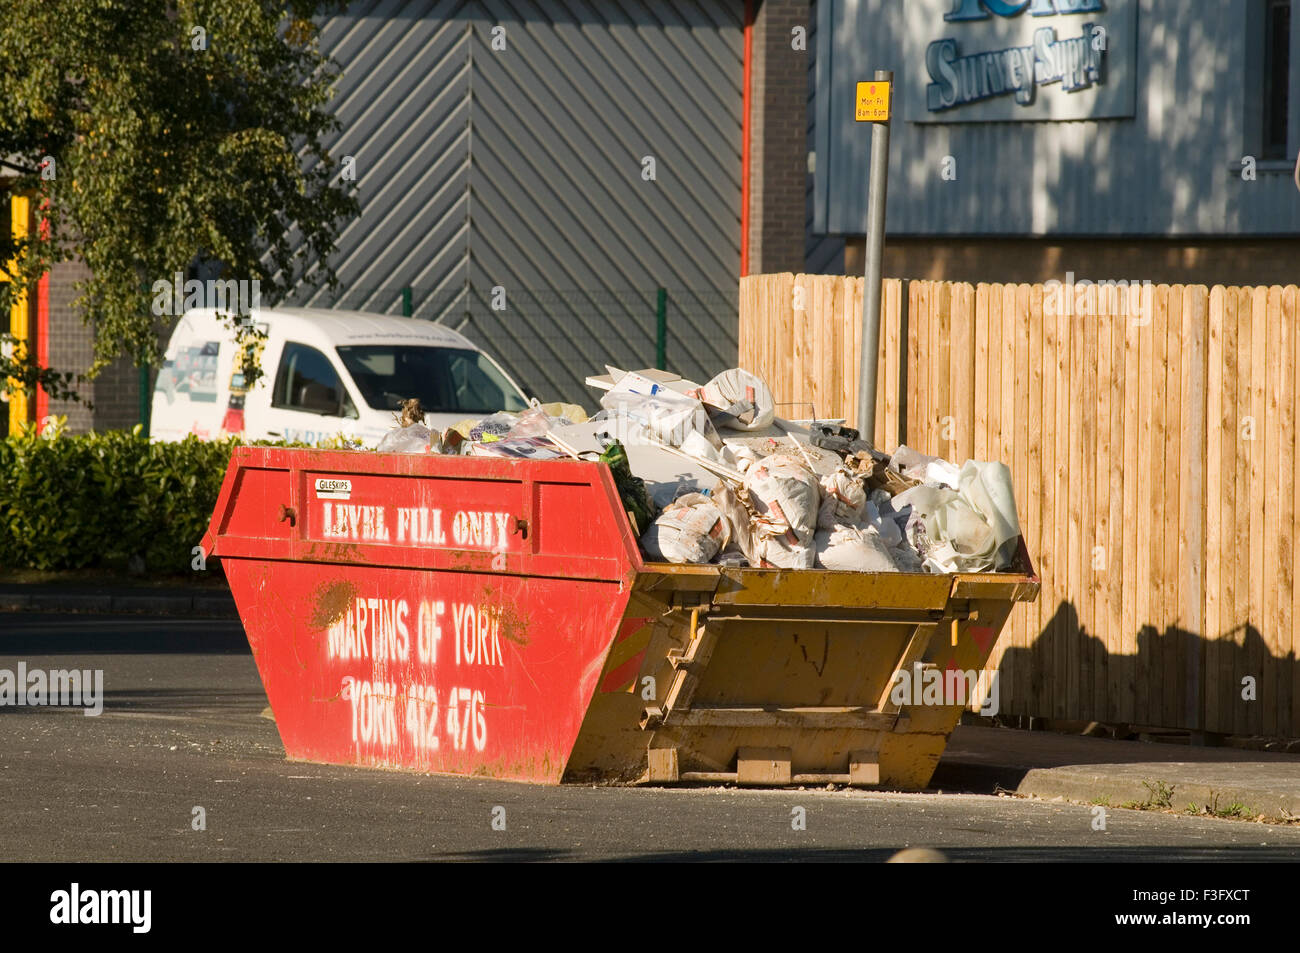 Salta Salta coches vertederos impuestos impuestos ambientales Directiva relleno escombros basura basura Imagen De Stock